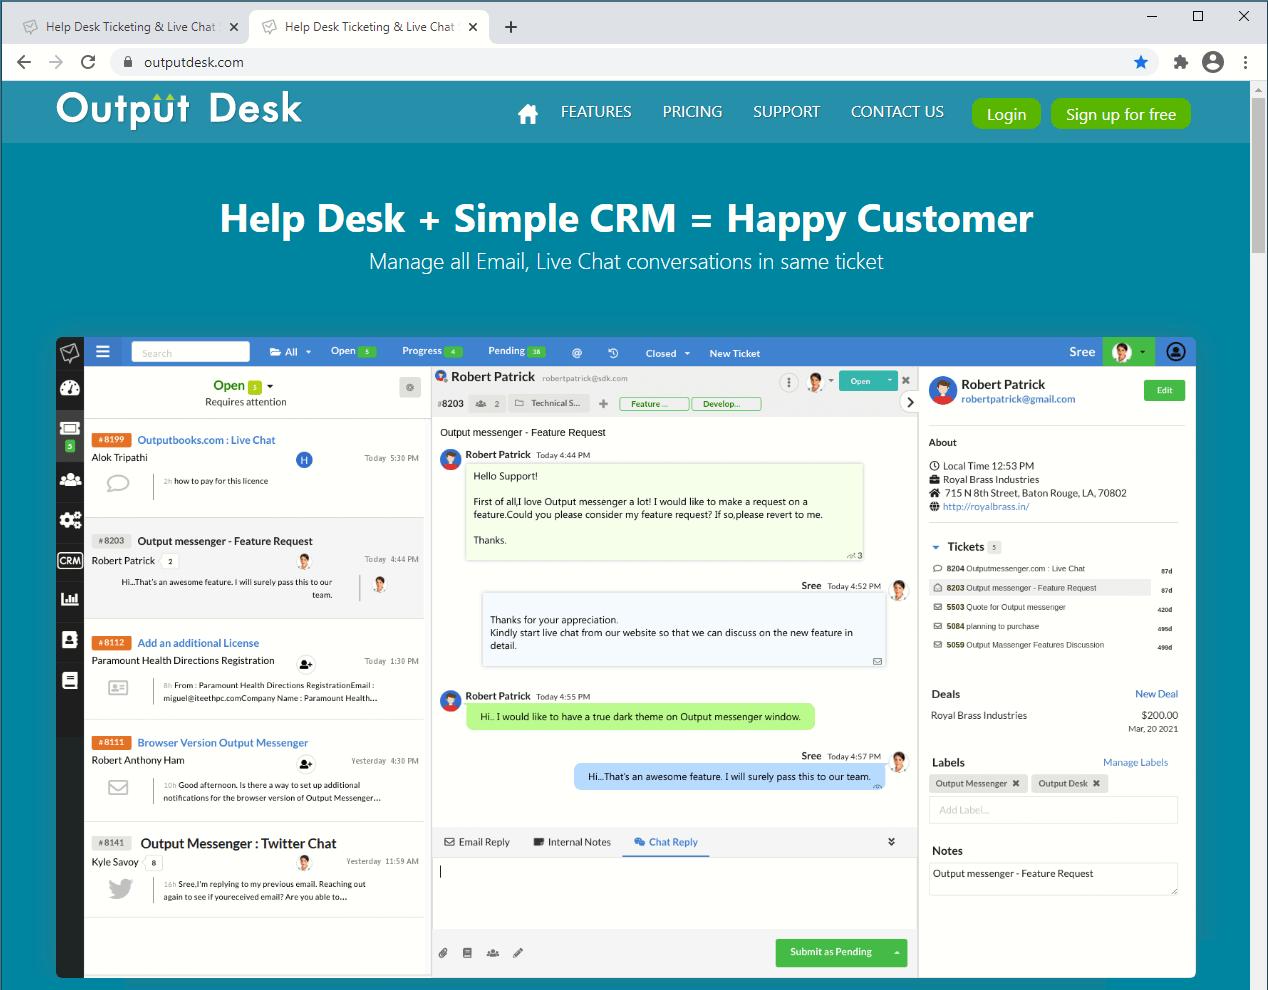 Output Messenger Open URL